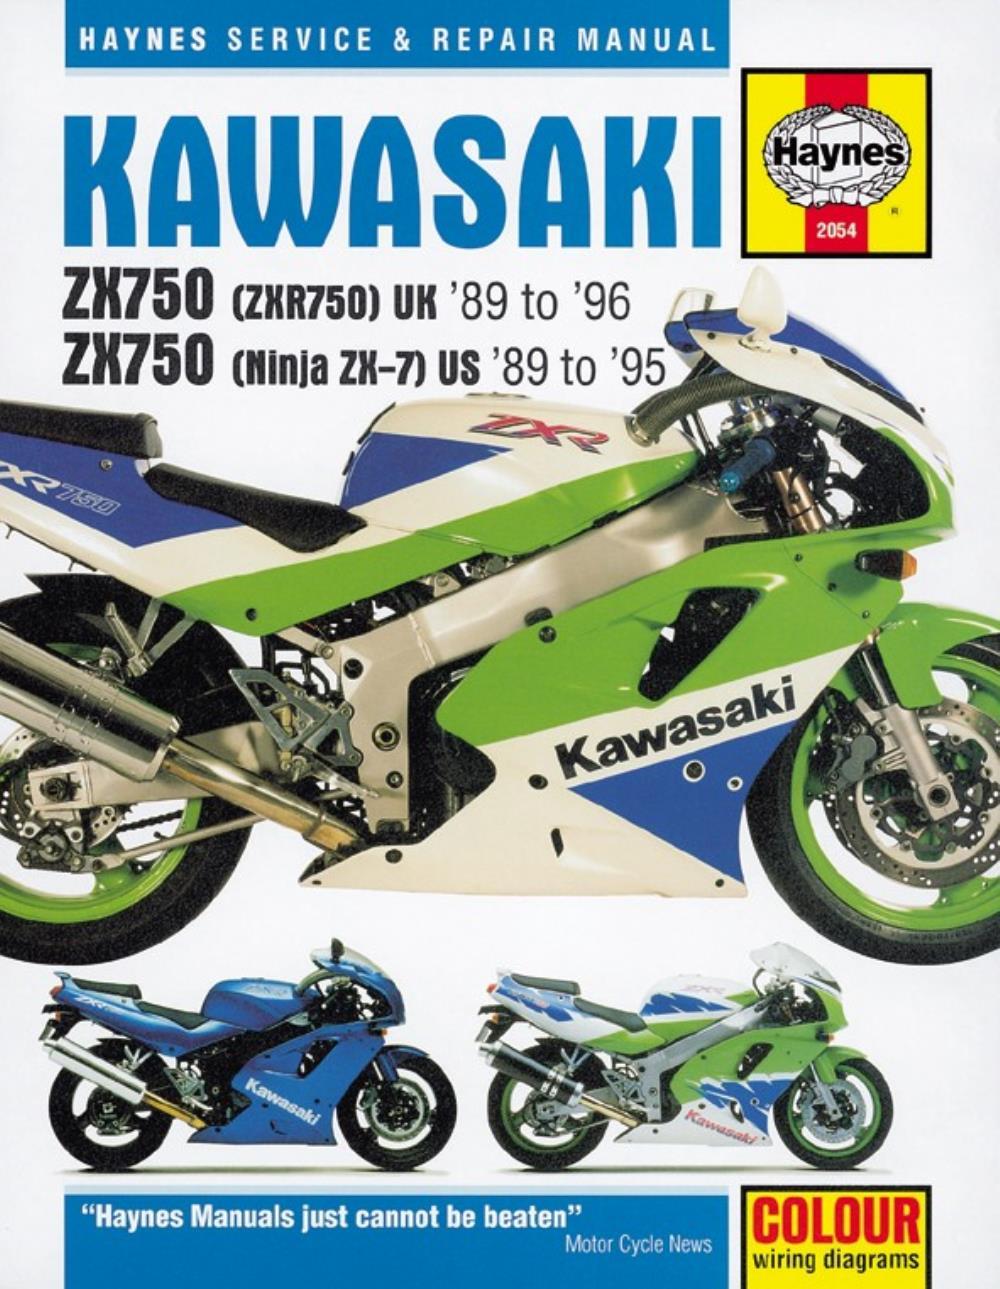 medium resolution of manual haynes for 1989 kawasaki zxr 750 h zx750h1 description manual haynes for 1989 kawasaki zxr 750